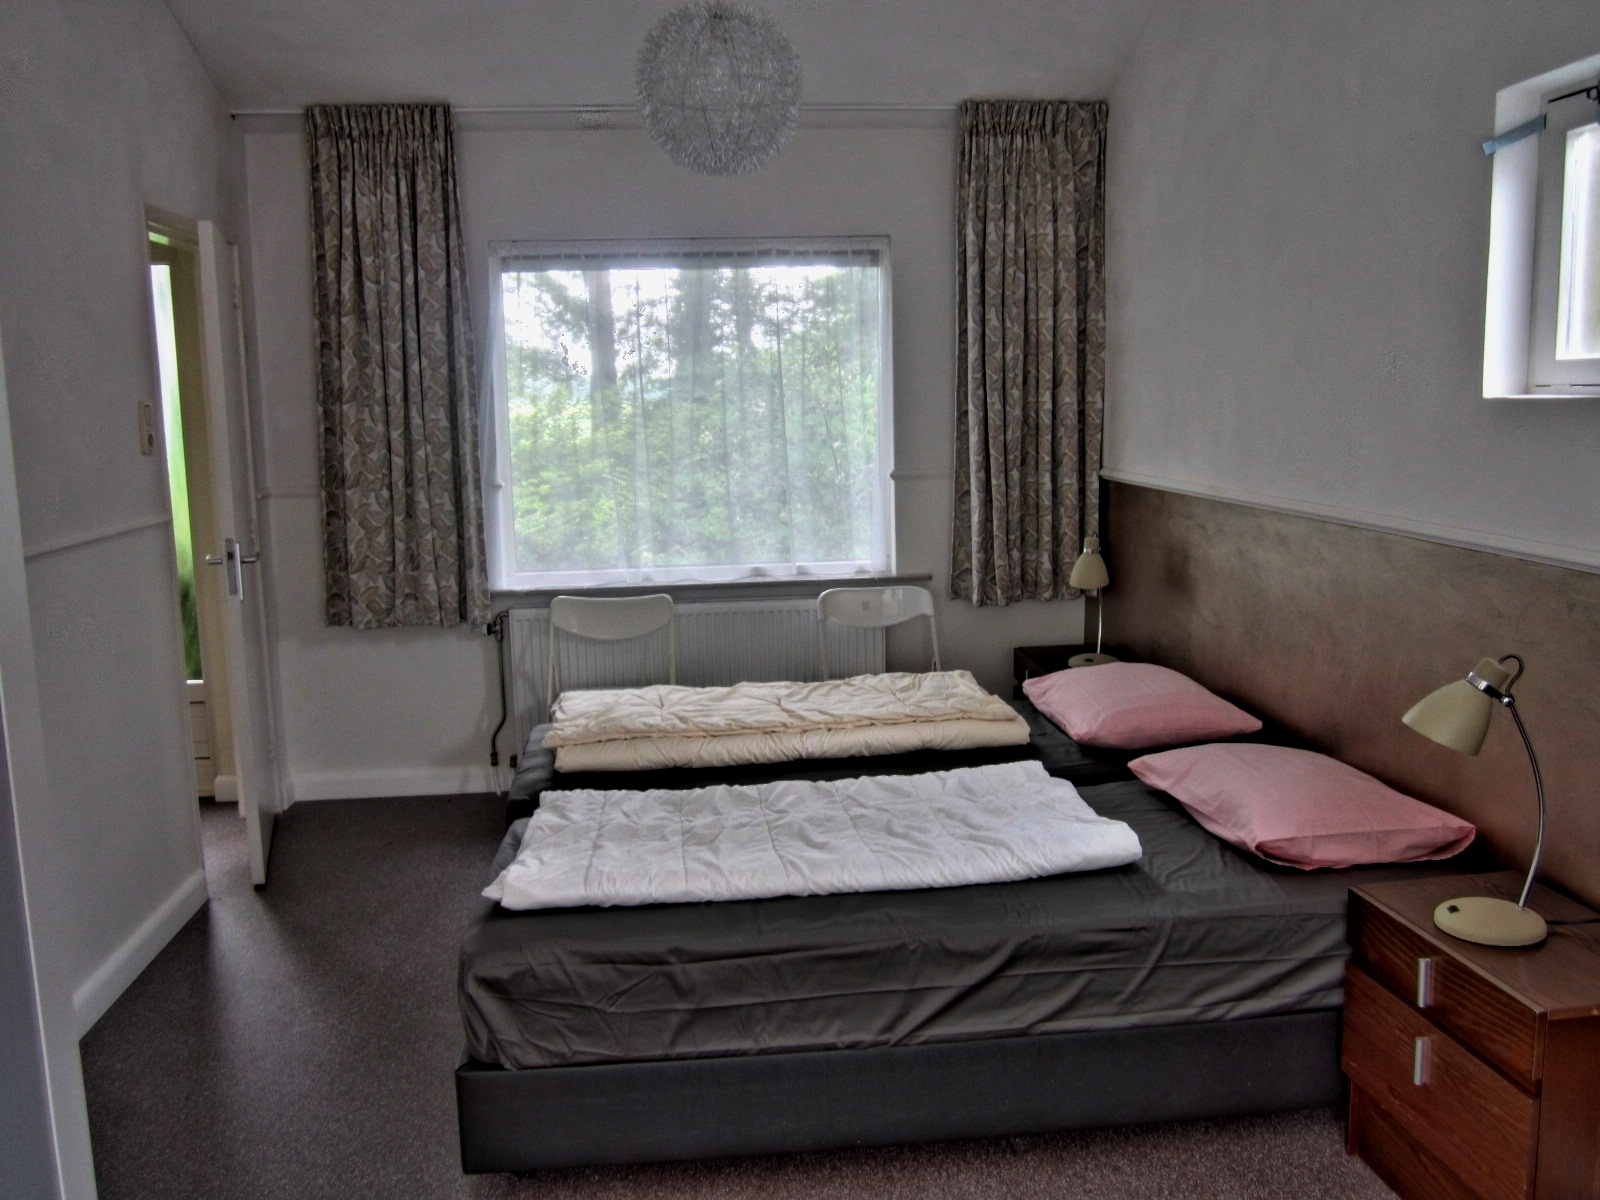 De opaal - Slaapkamer met doucheruimte ...